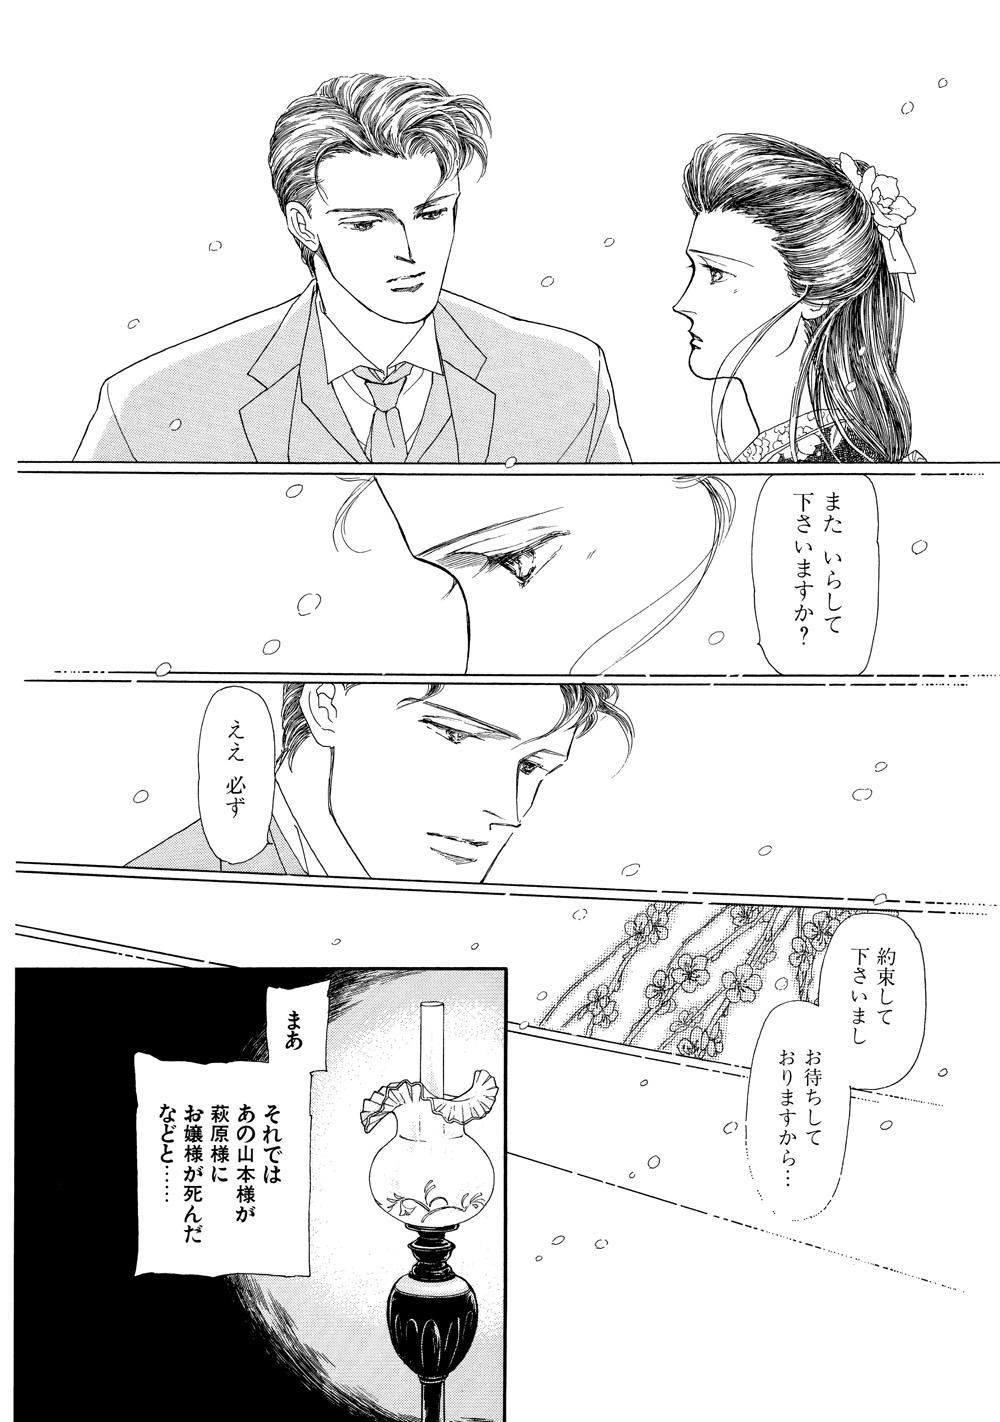 牡丹灯籠_014.jpg